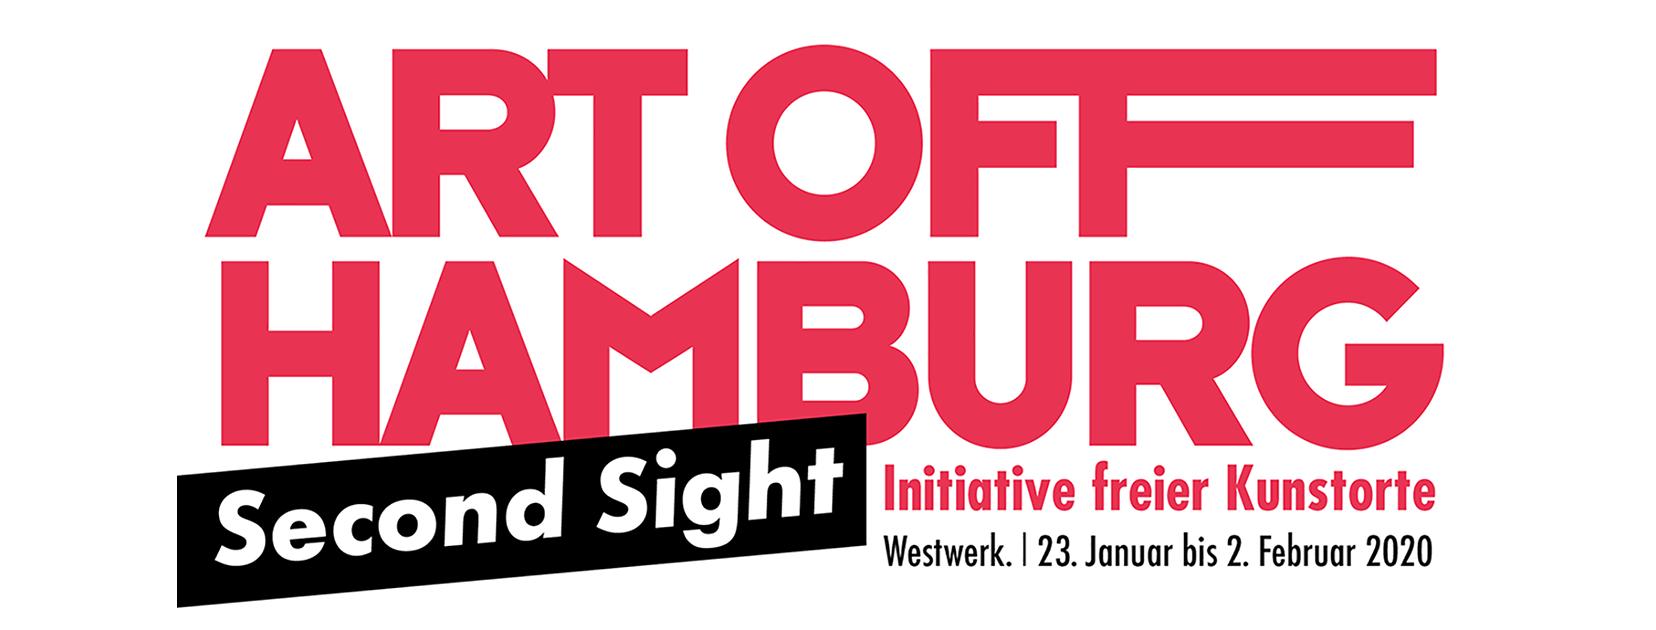 ART OFF HAMBURG | Second Sight  2. Gemeinschaftsausstellung der freien Hamburger Kunstorte  WESTWERK. Admiralitätstraße 74 | 20459 Hamburg | www.westwerk.org   Vernissage, Donnerstag den 23. Januar 2020 um 19 Uhr